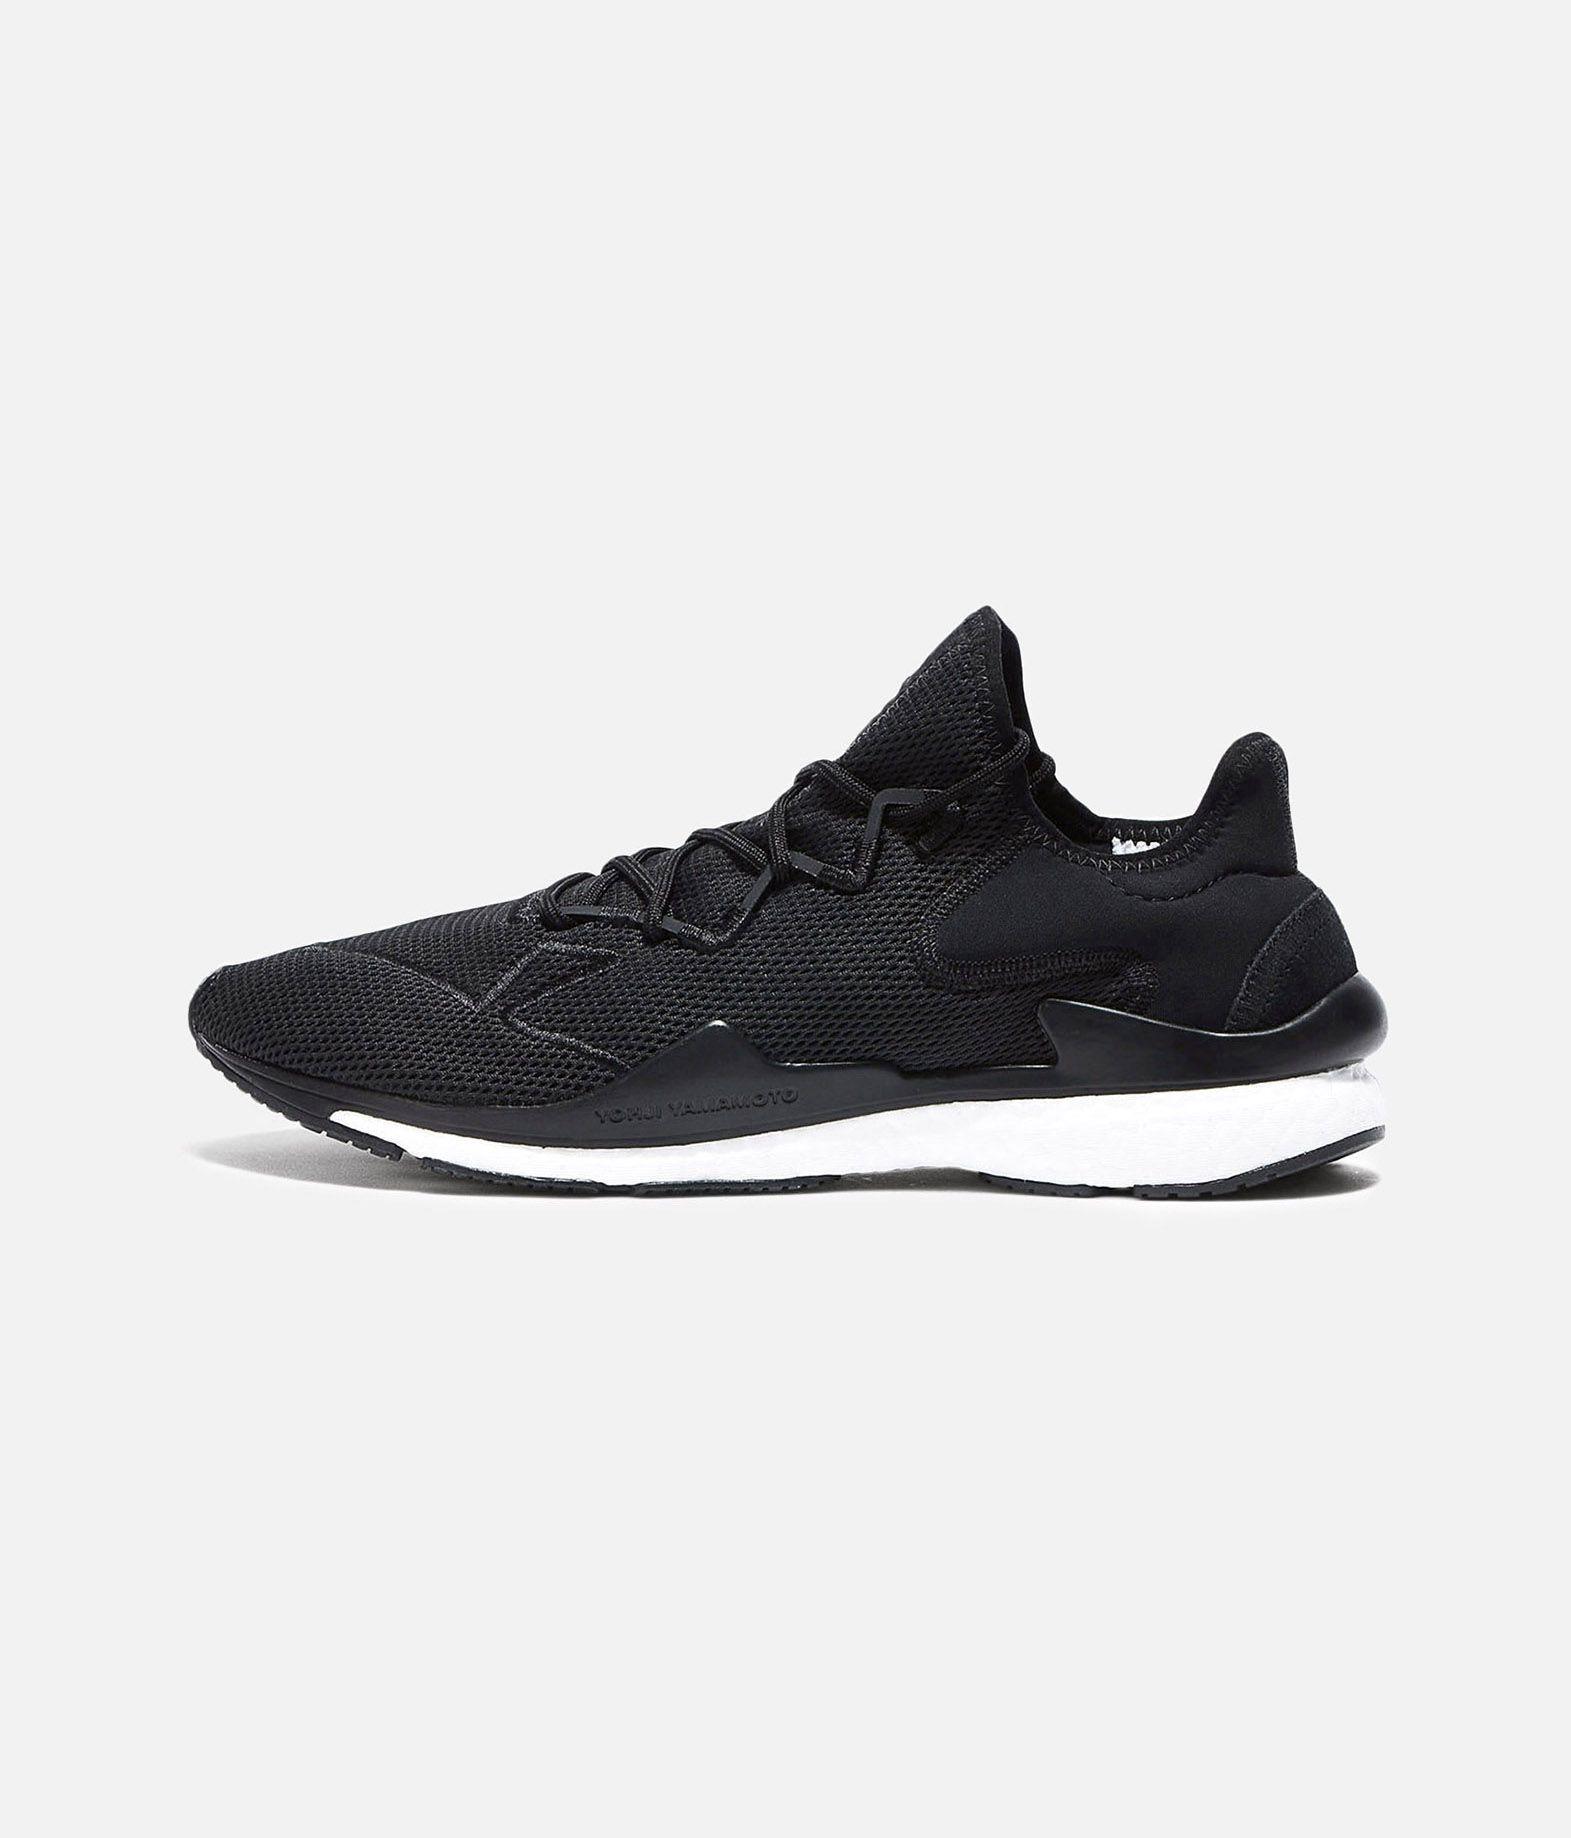 pretty nice cc38f 50802 ... Y-3 Y-3 Adizero Runner Sneakers E f ...